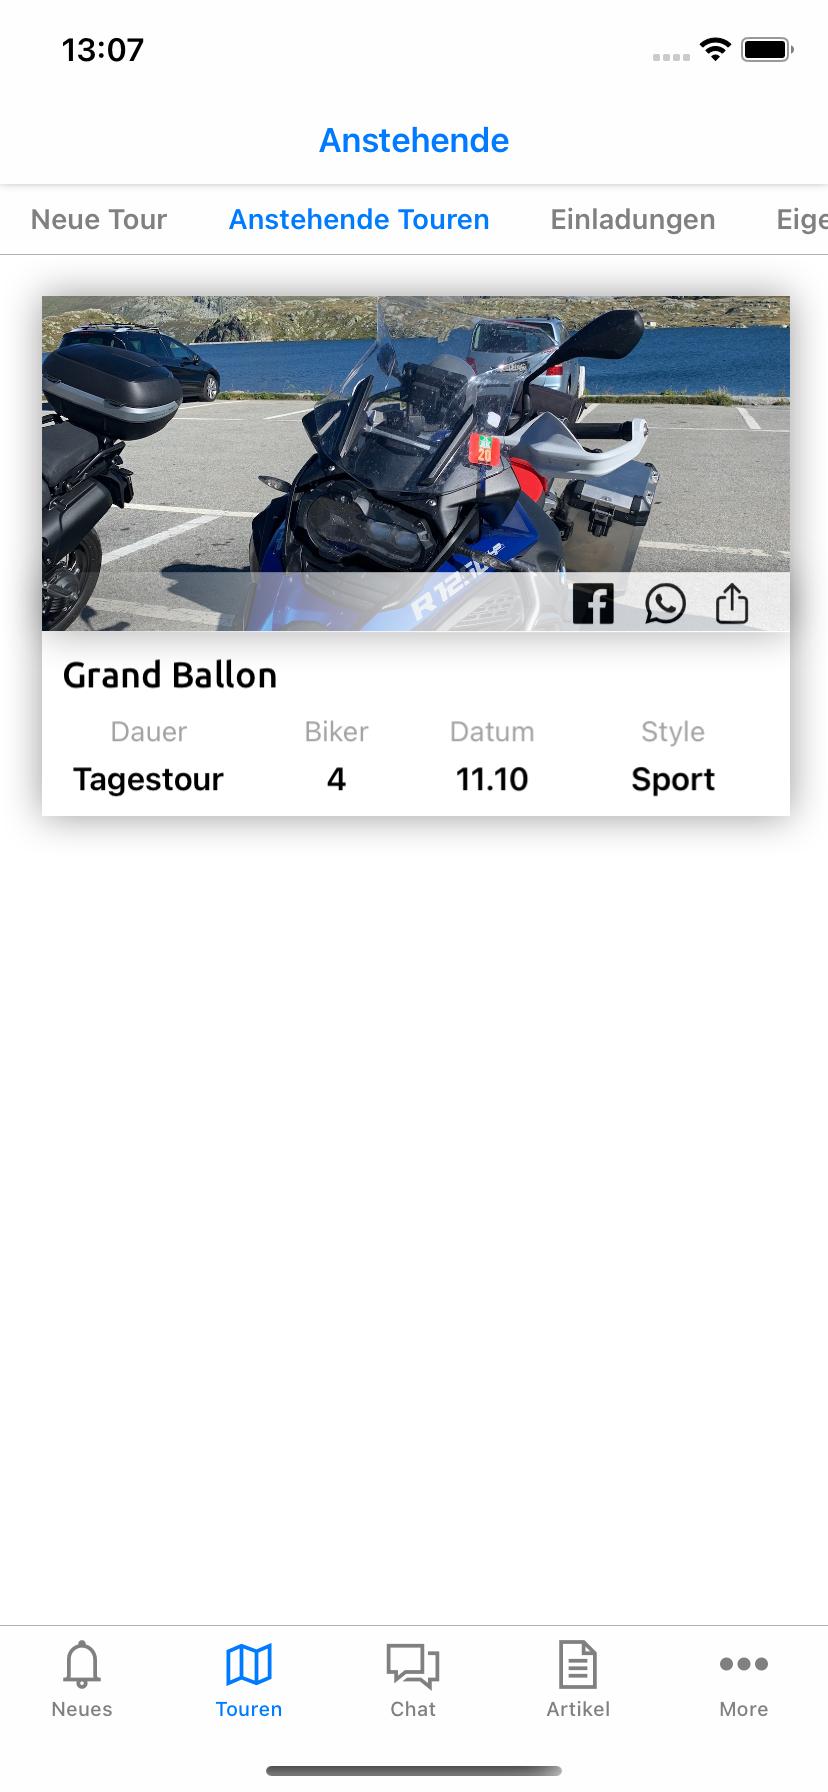 Simulator Screen Shot - iPhone 11 - 2020-10-05 at 13.07.36